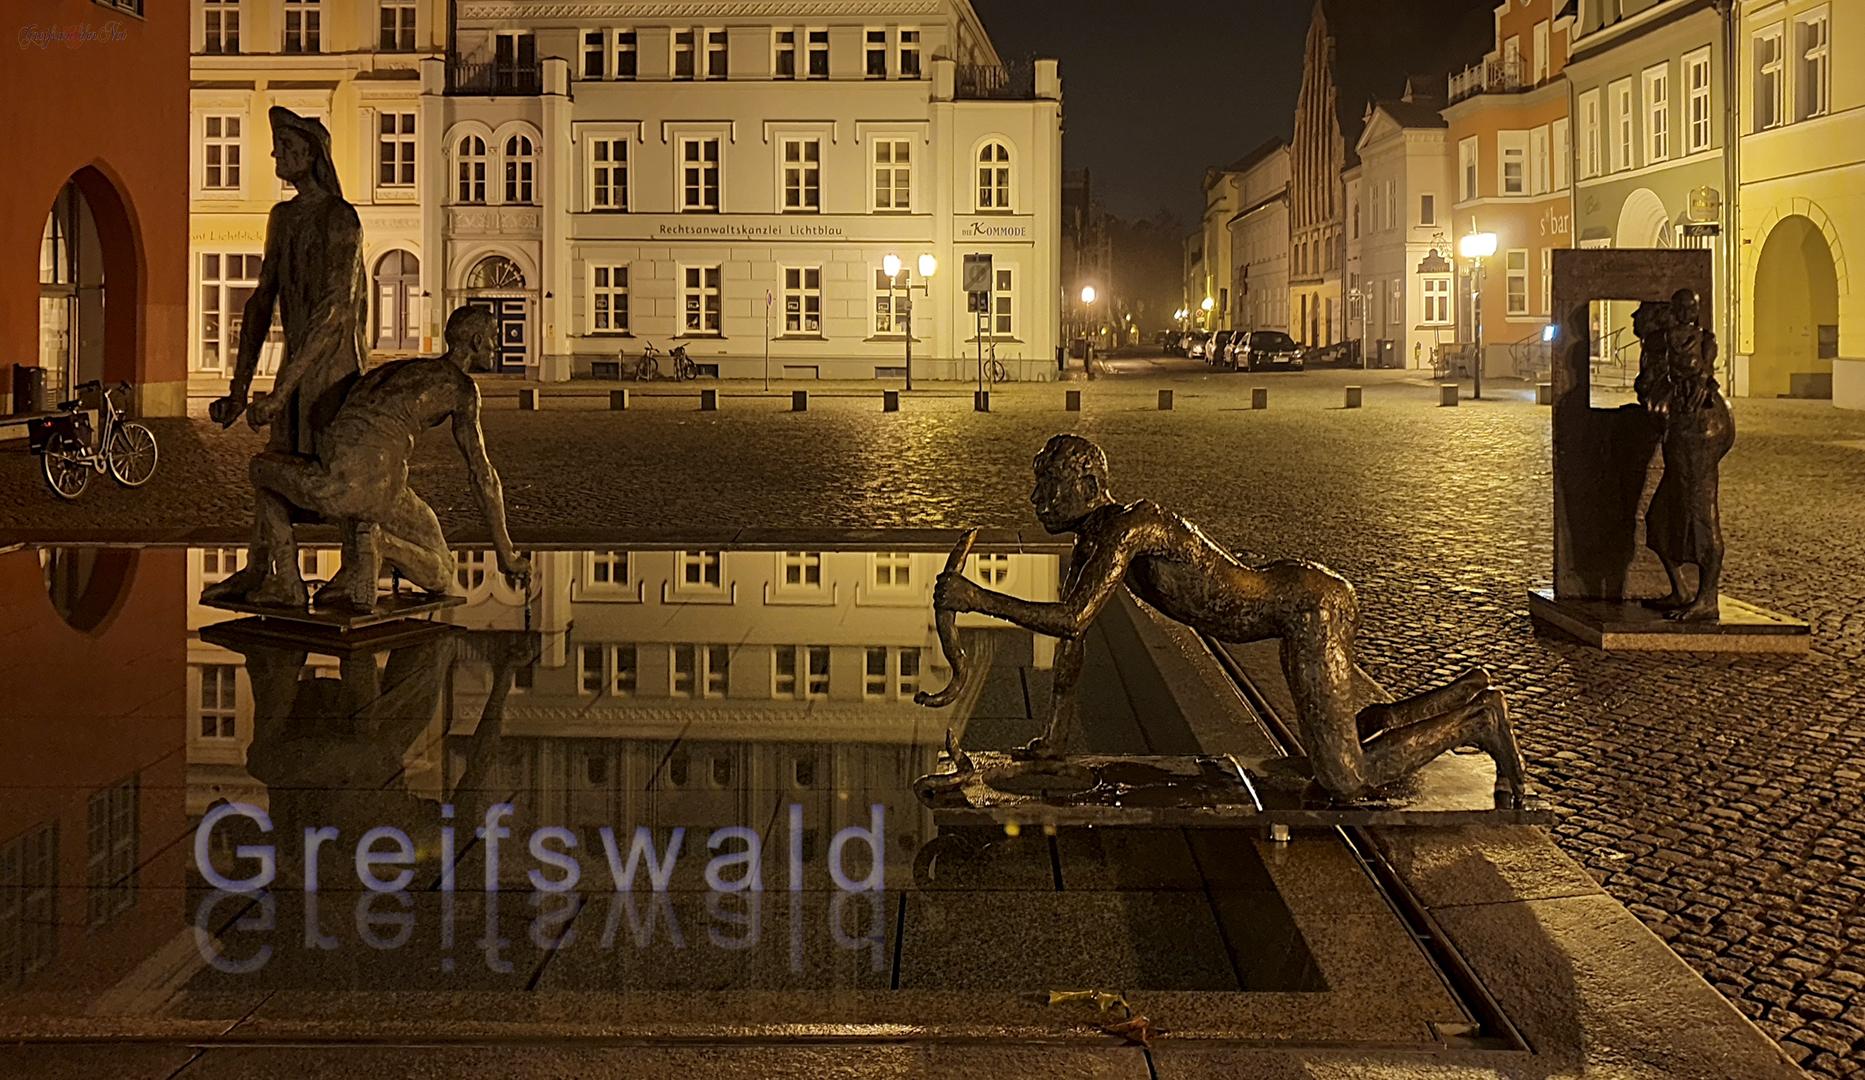 Fischerbrunnen in Greifswald bei Nacht